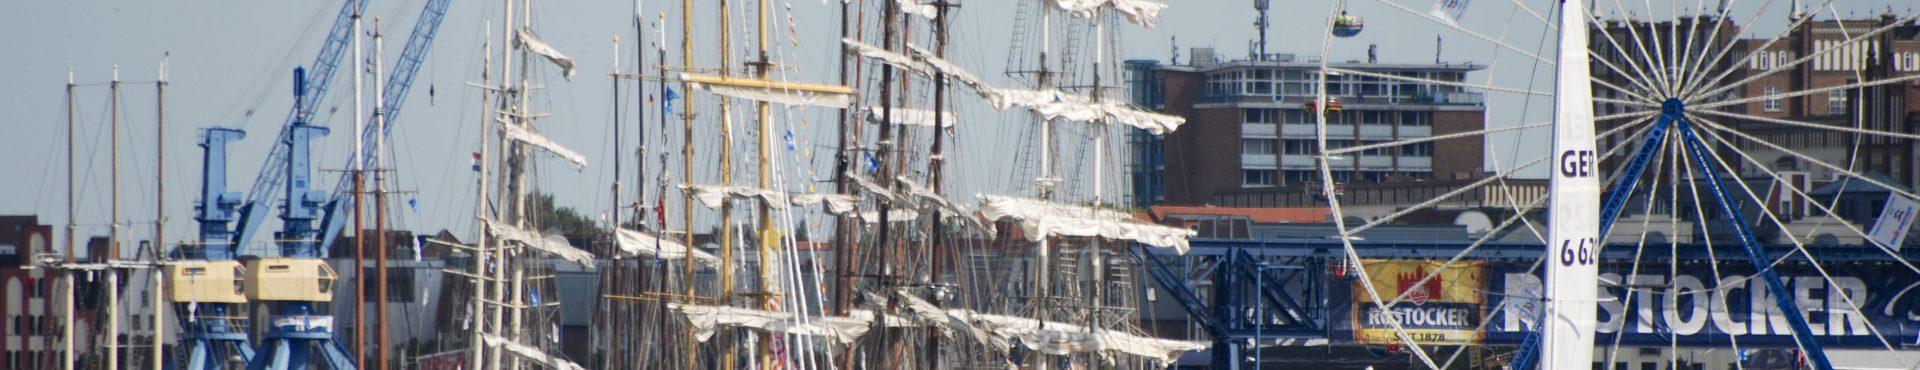 Hansesail Rostock 2020 offiziell abgesagt